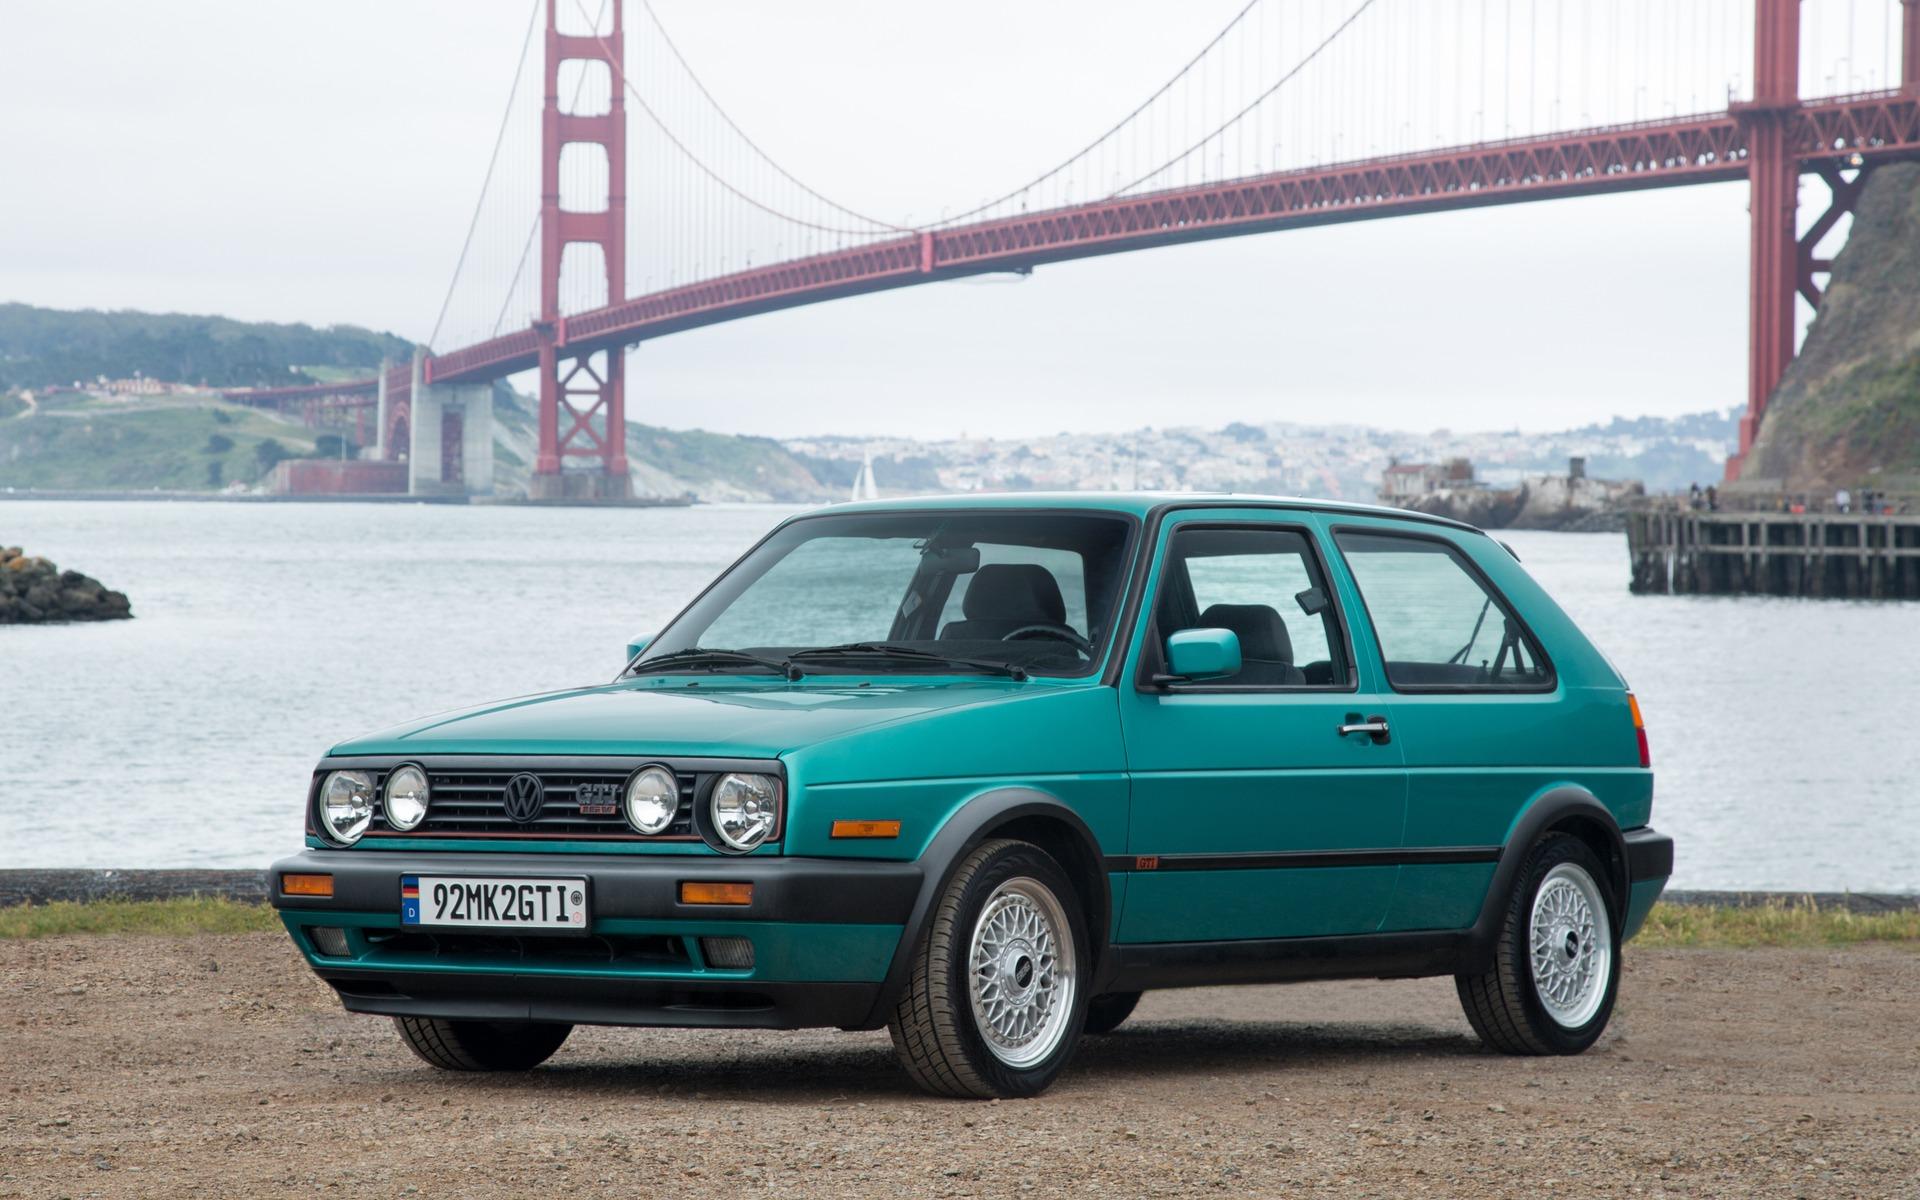 Volkswagen Golf : l'avenir de Volkswagen… depuis 45 ans! 387813_Volkswagen_Golf